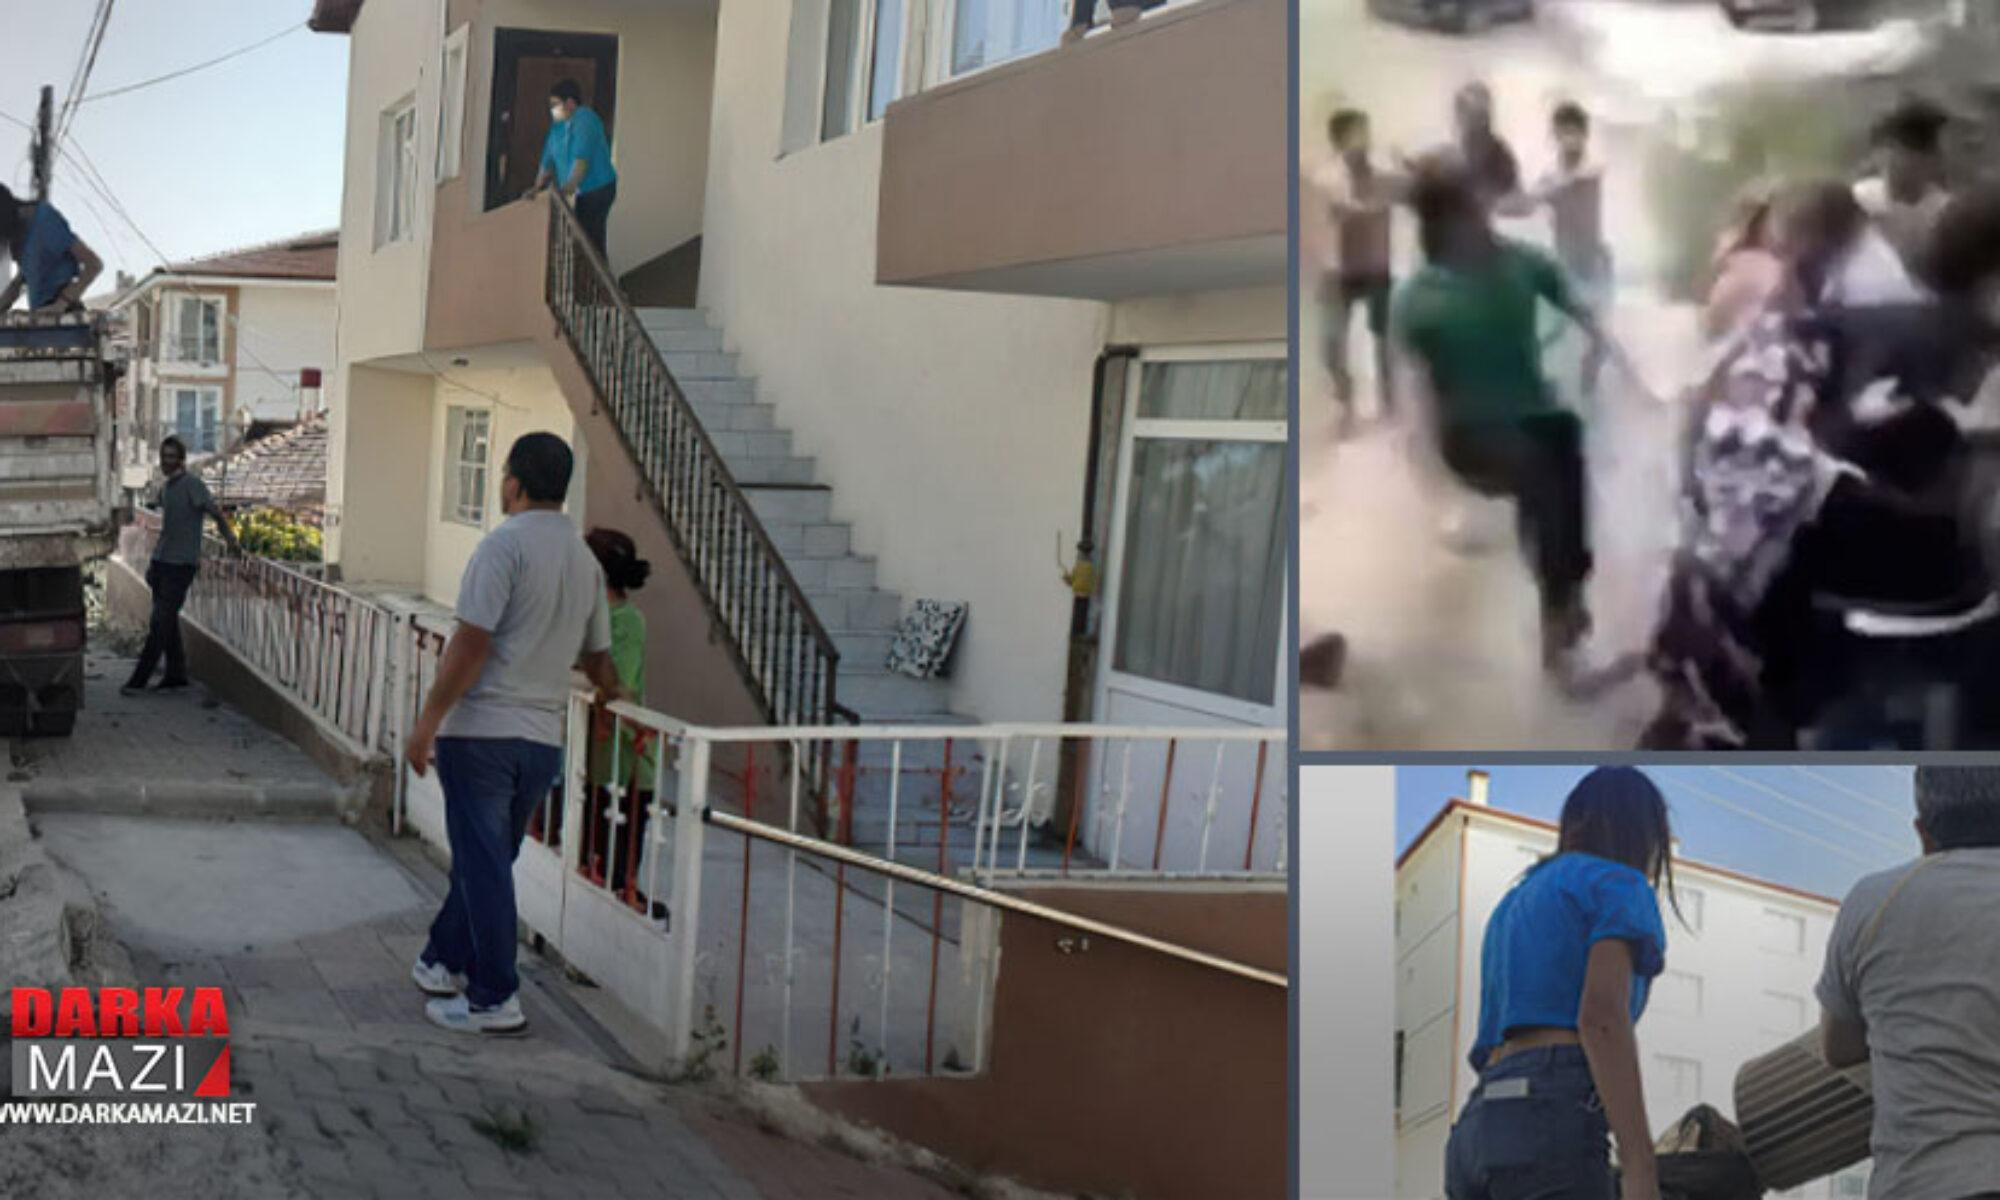 Ankara'da Kürt aileye ırkçı saldırı Yüksekova, pis kürtler,